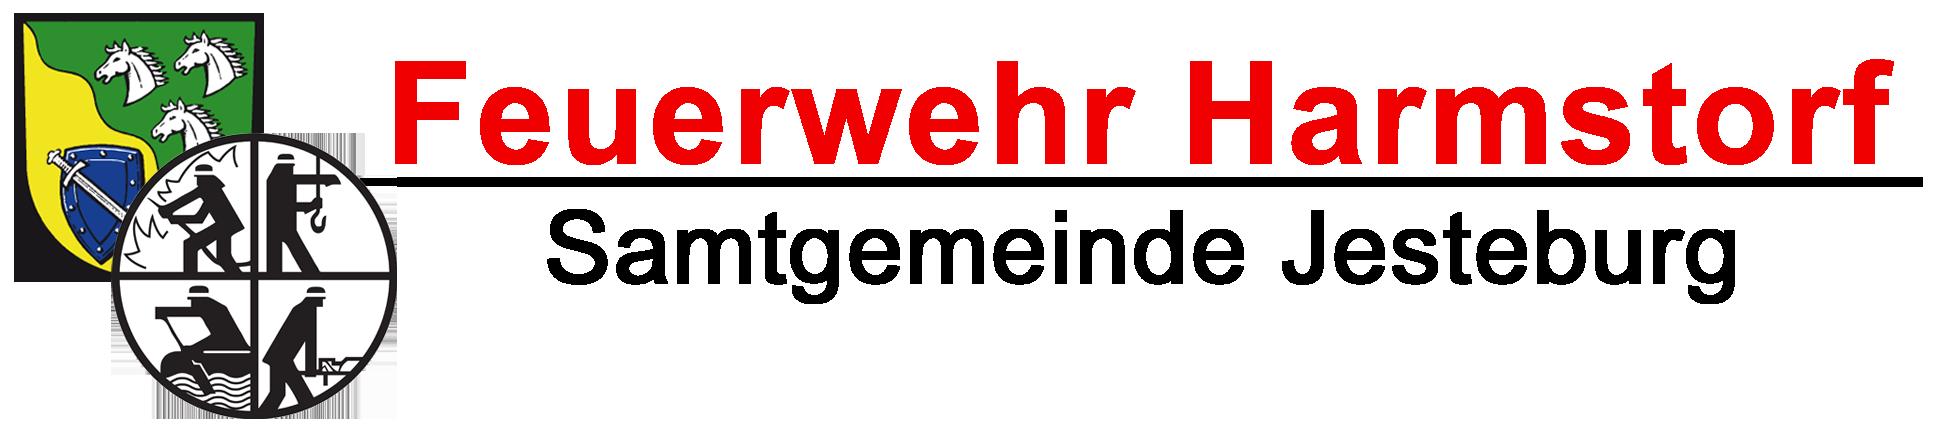 Feuerwehr Harmstorf